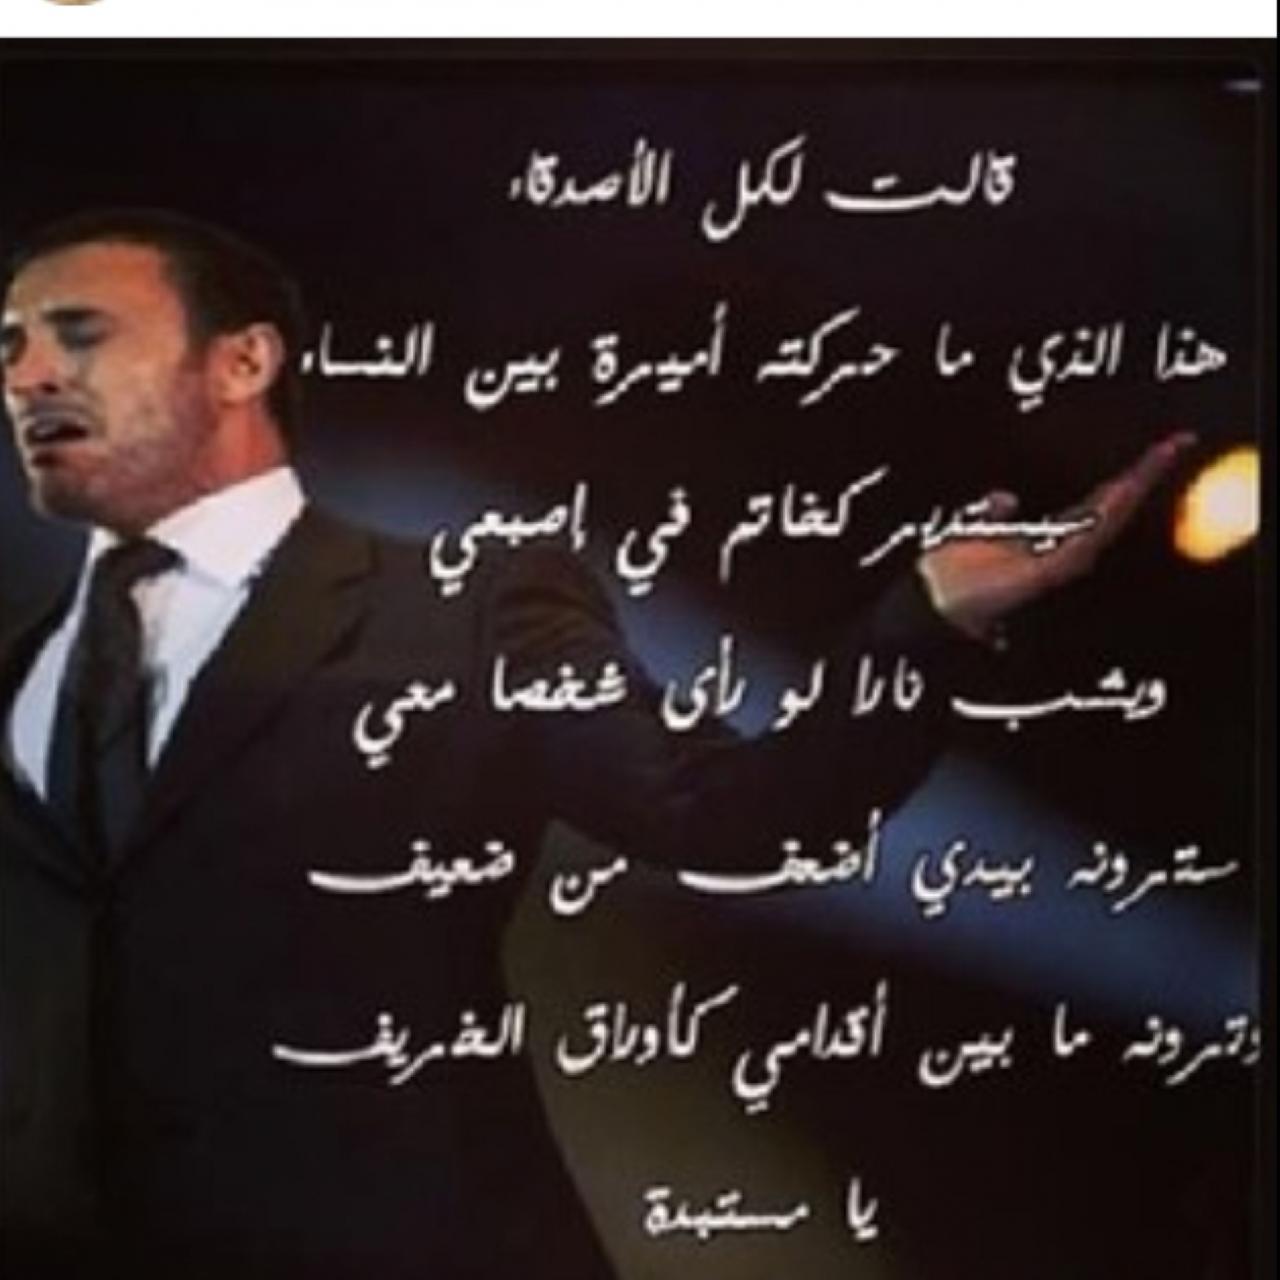 صورة كلمات يا مستبدة , رائعة نزار قبانى بصوت قيصر الغناء العربي